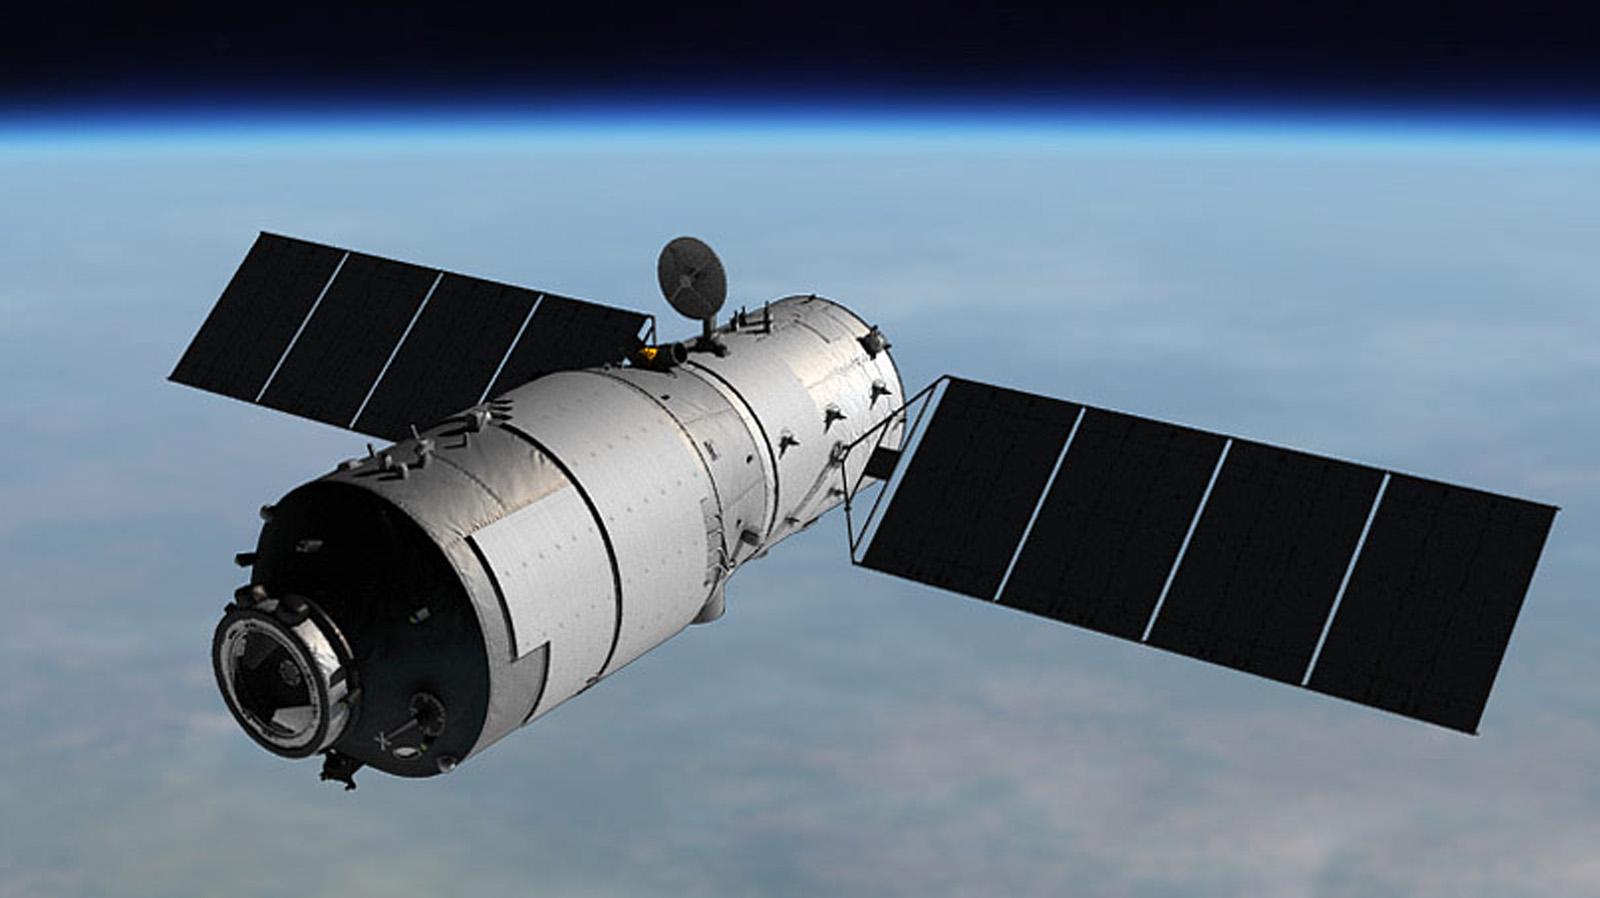 Renderização artística da Tiangong-1 na órbita terrestre. Crédito de Imagem: CNSA